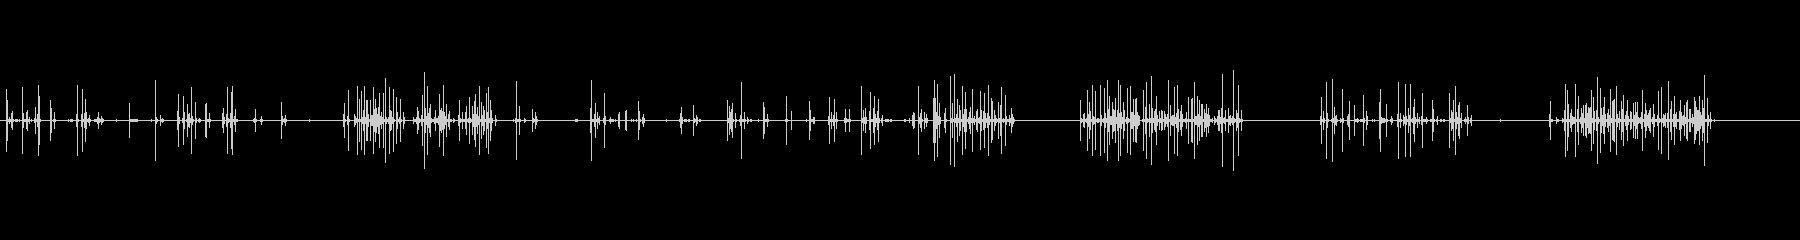 コンピューターのキーボード-タイピ...の未再生の波形